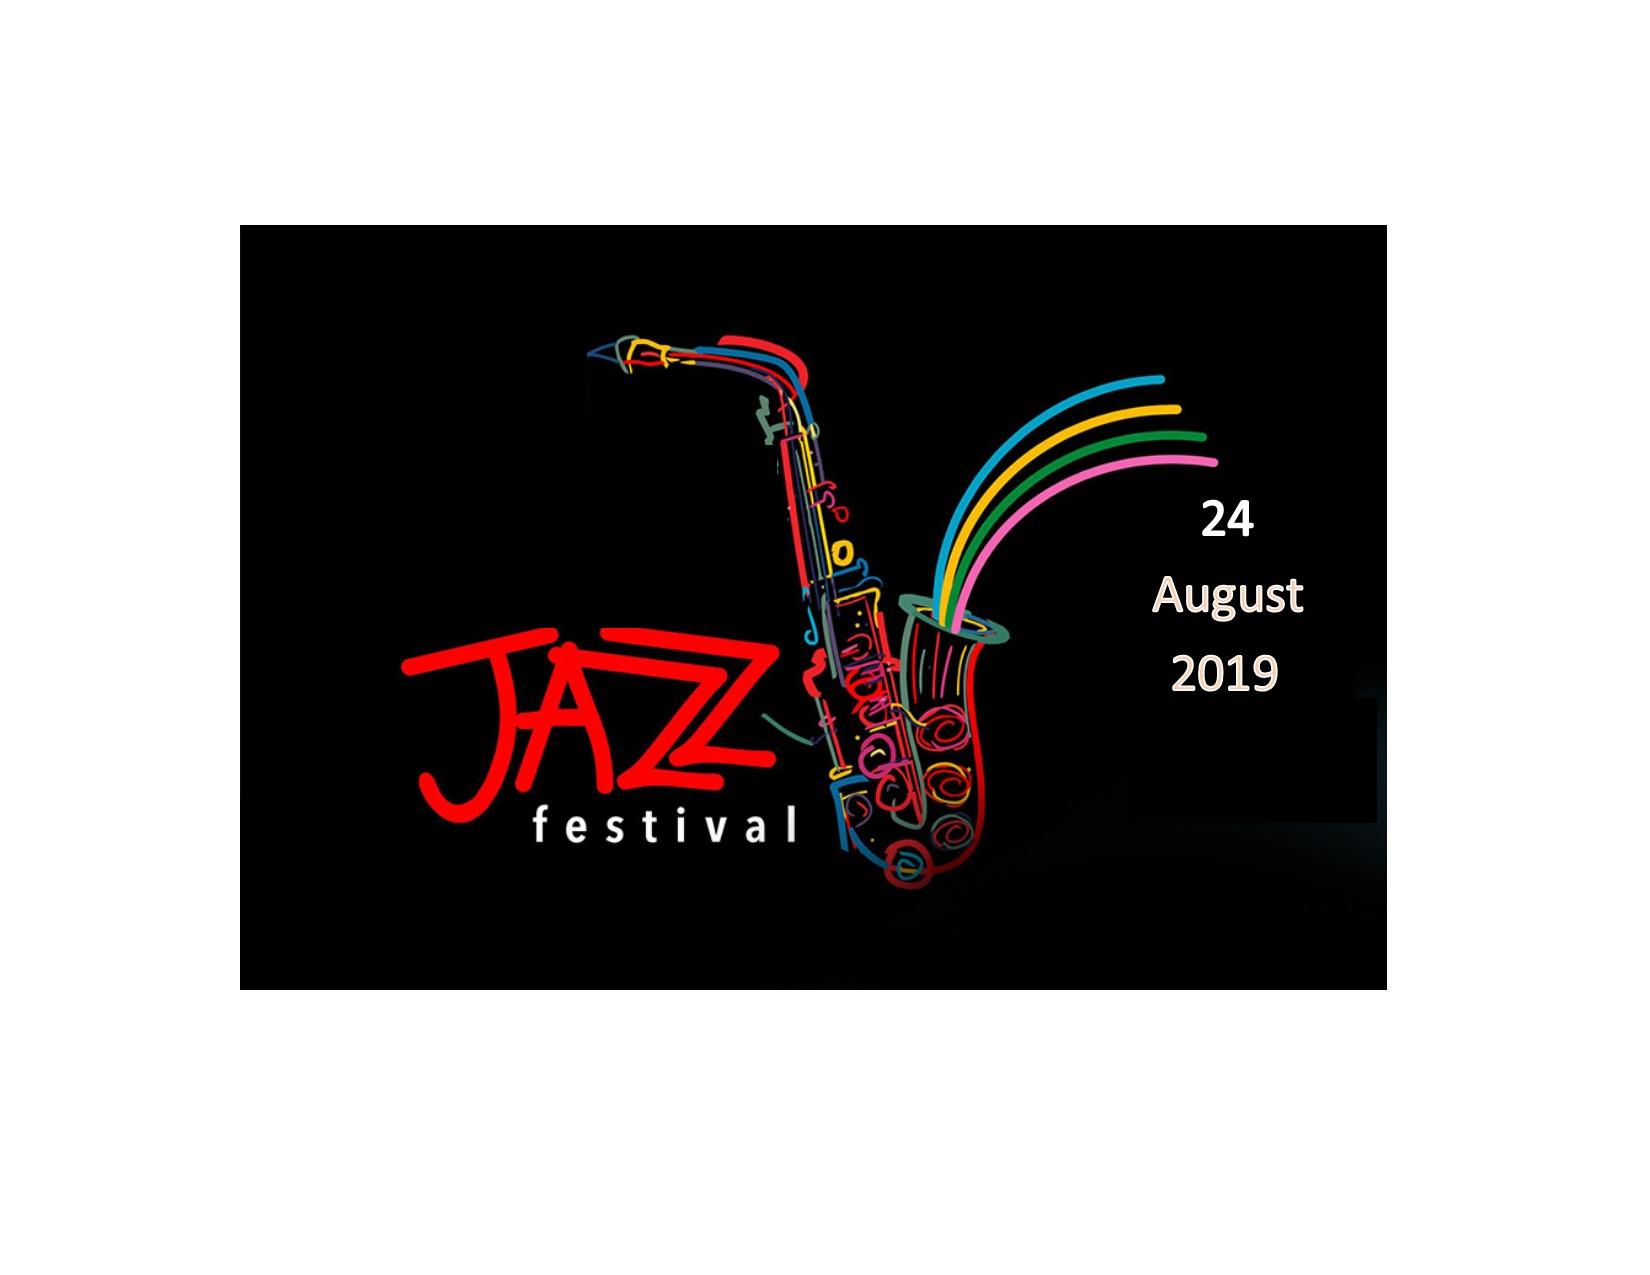 2019 Jazz Festival Image